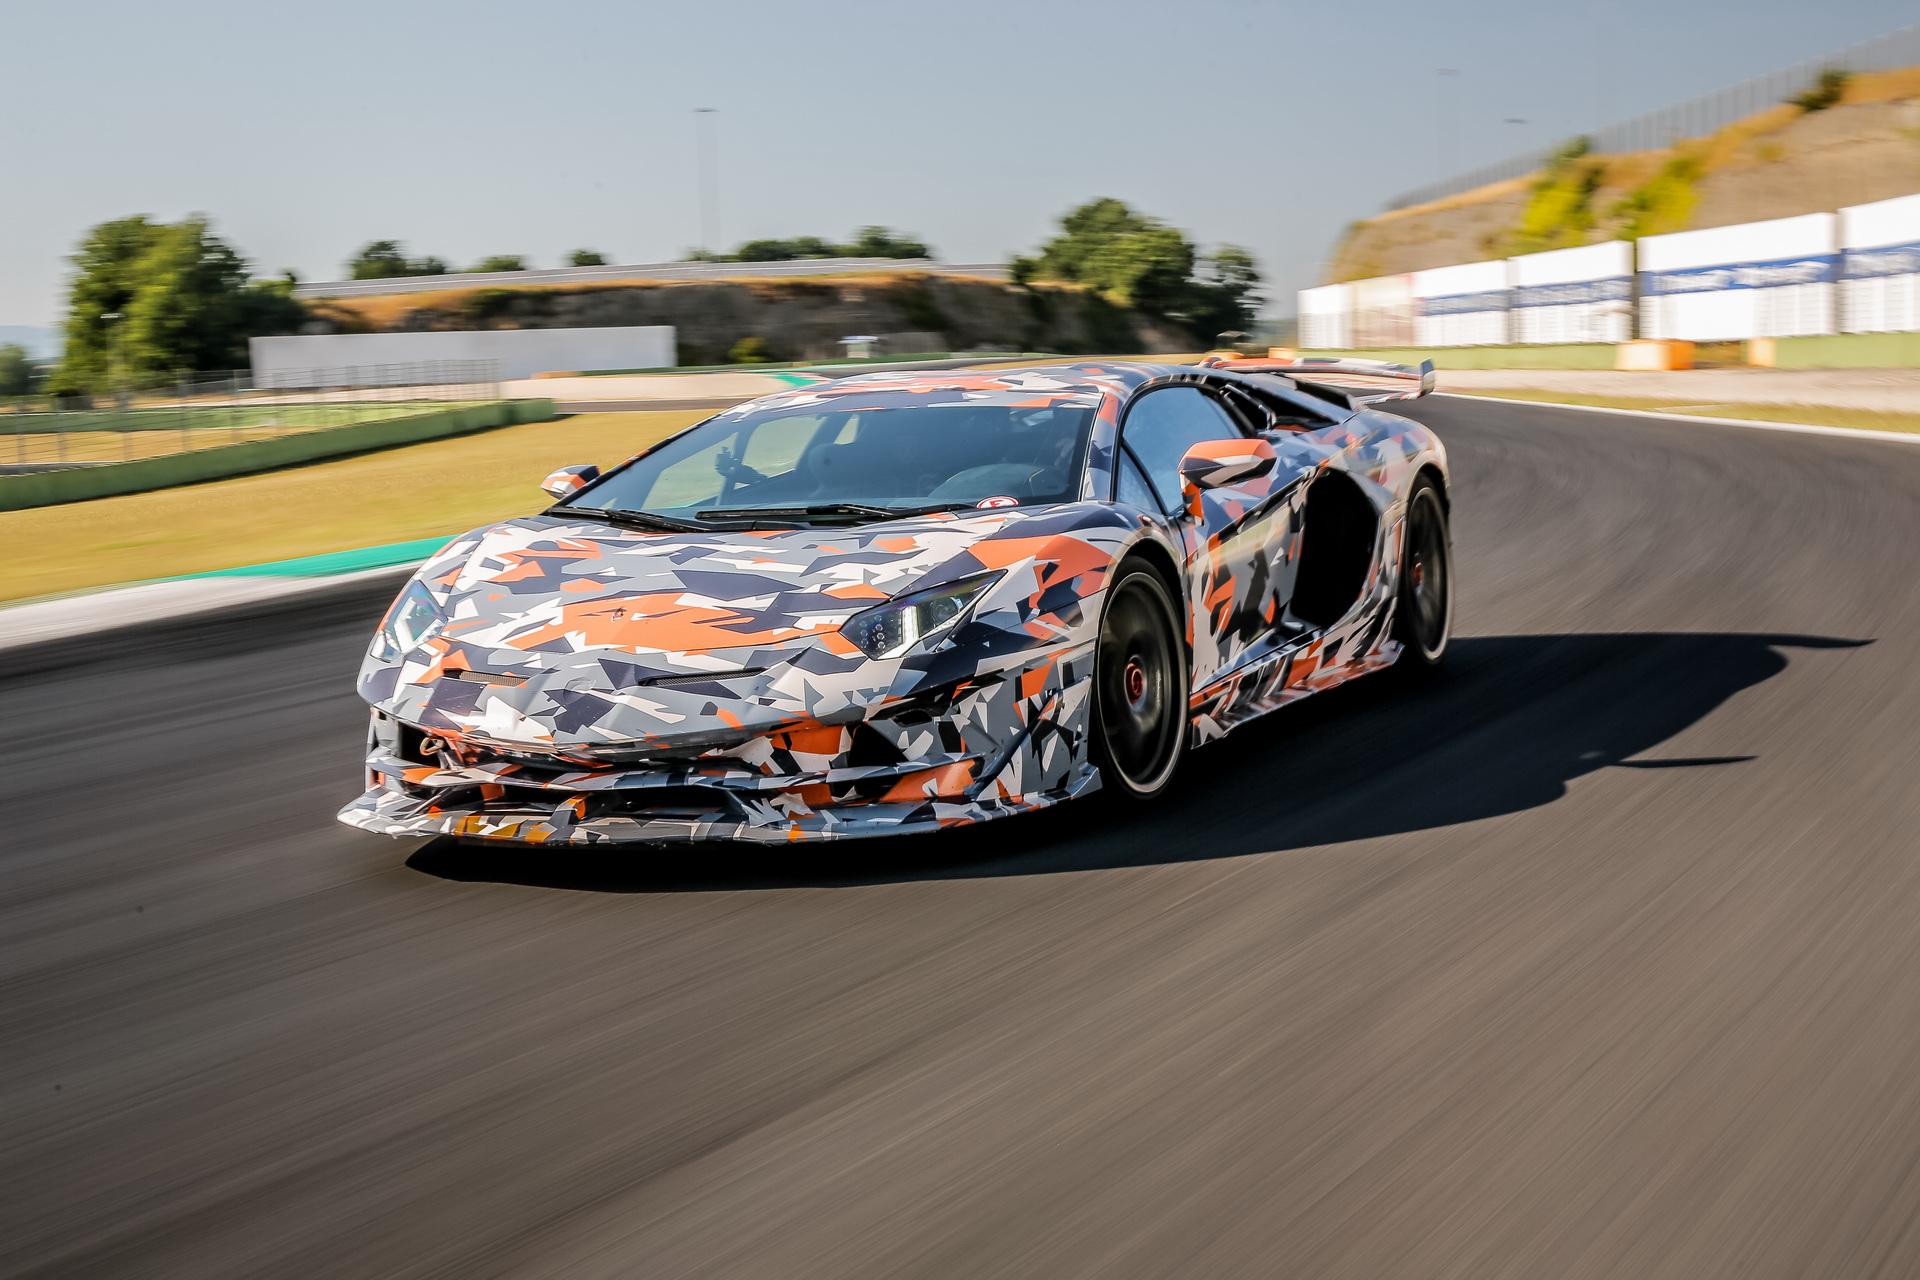 Lamborghini_Aventador_SVJ_0000